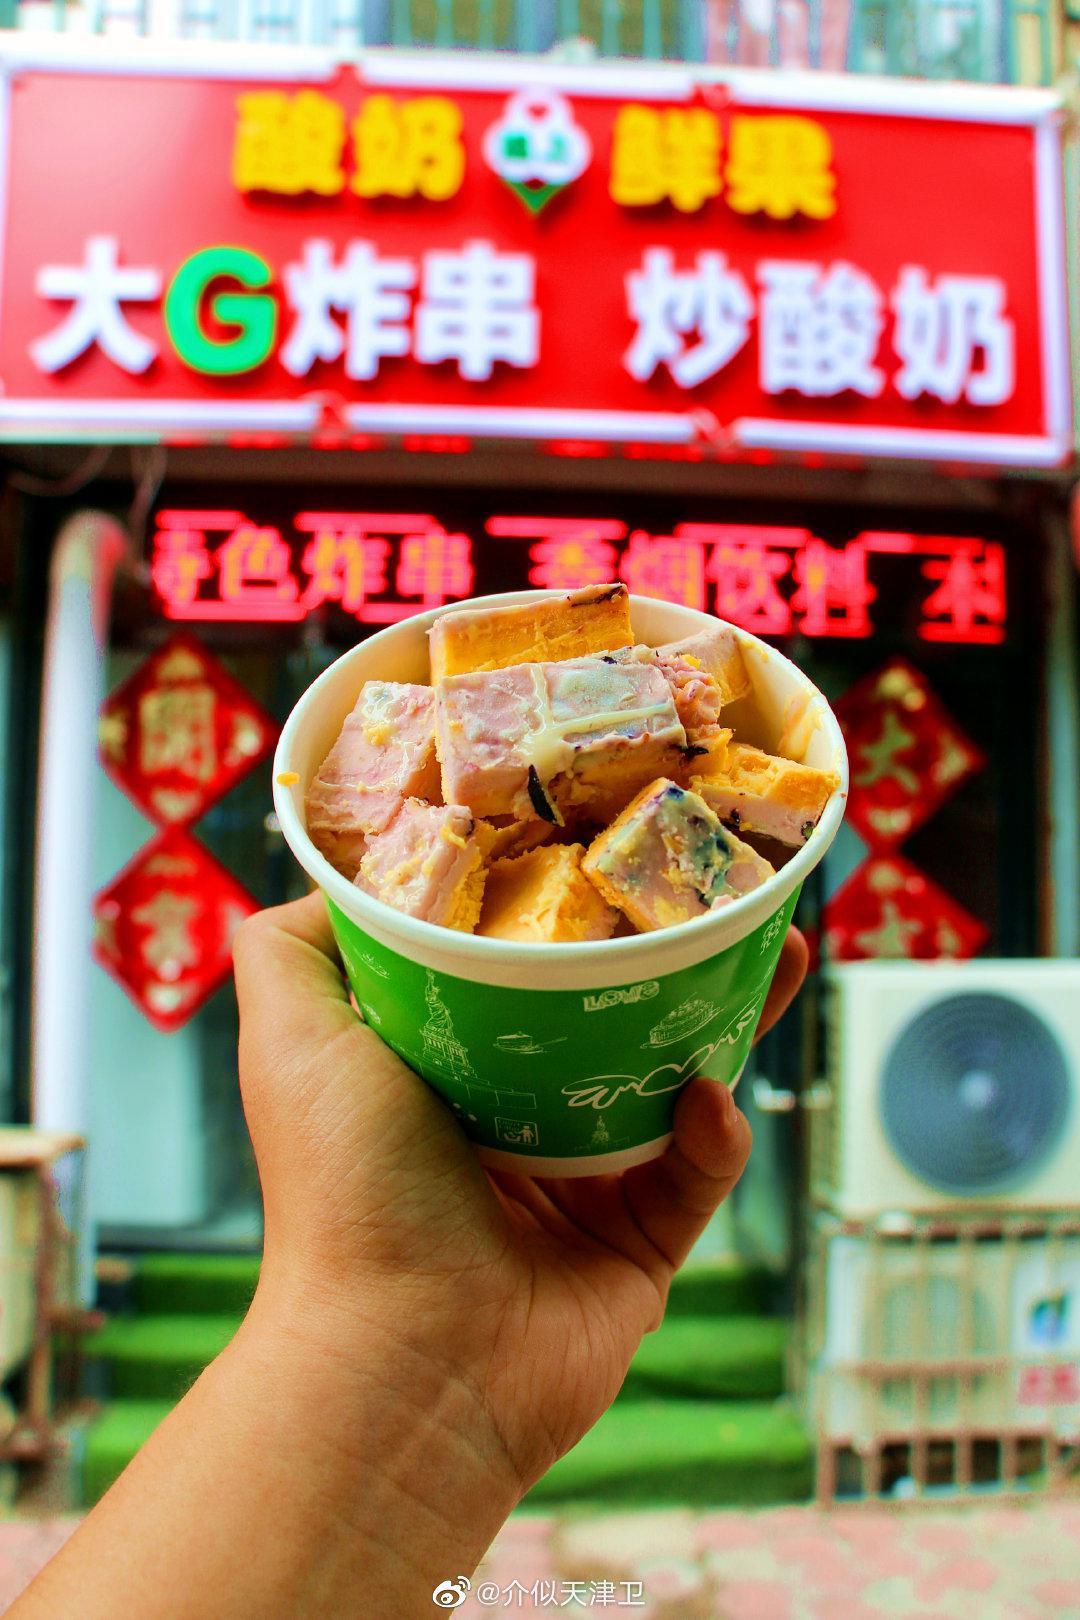 夏天,吃上一份炒酸奶,棒棒哒! 最近看网上厚切炒酸奶倍儿火……